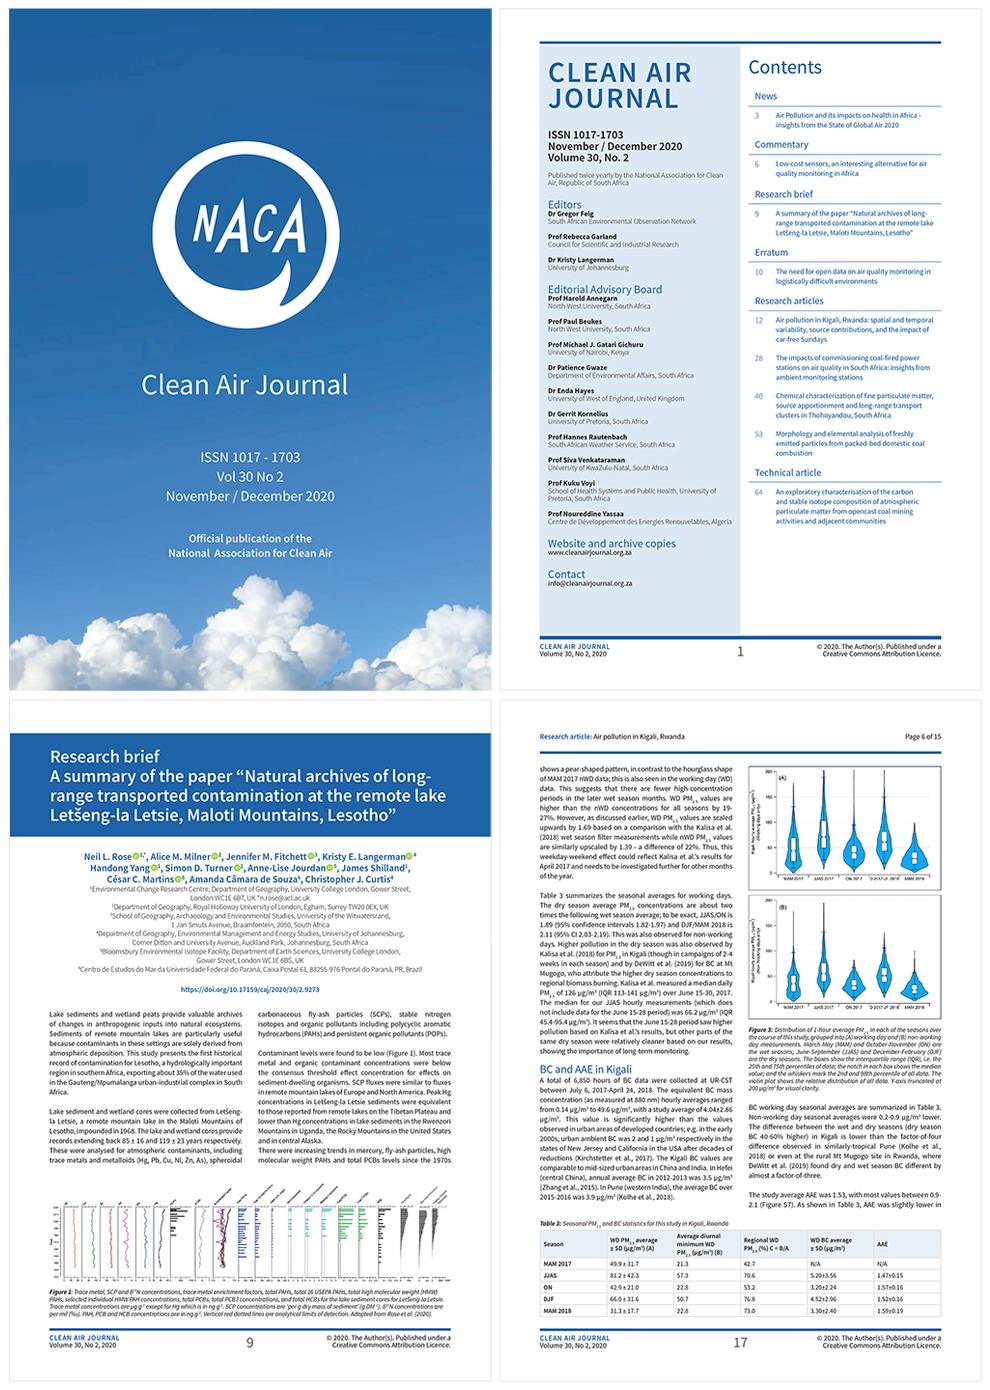 Clean Air Journal print layout